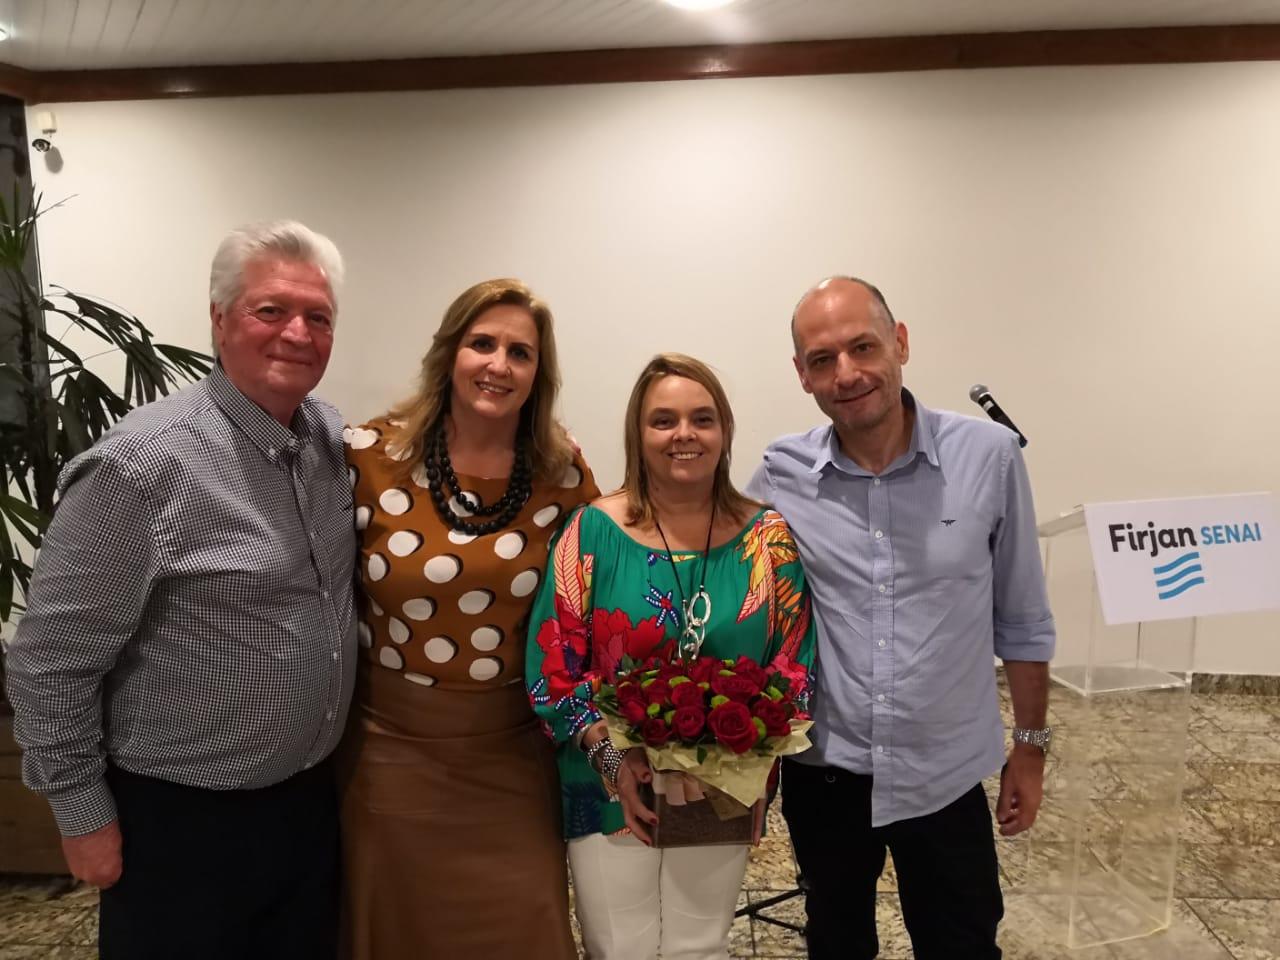 Dalton Carestiato e Adriana Ventura, homenageados no evento, com Marcia Carestiato (entre os dois) e Carlos Eduardo de Lima (Divulgação)